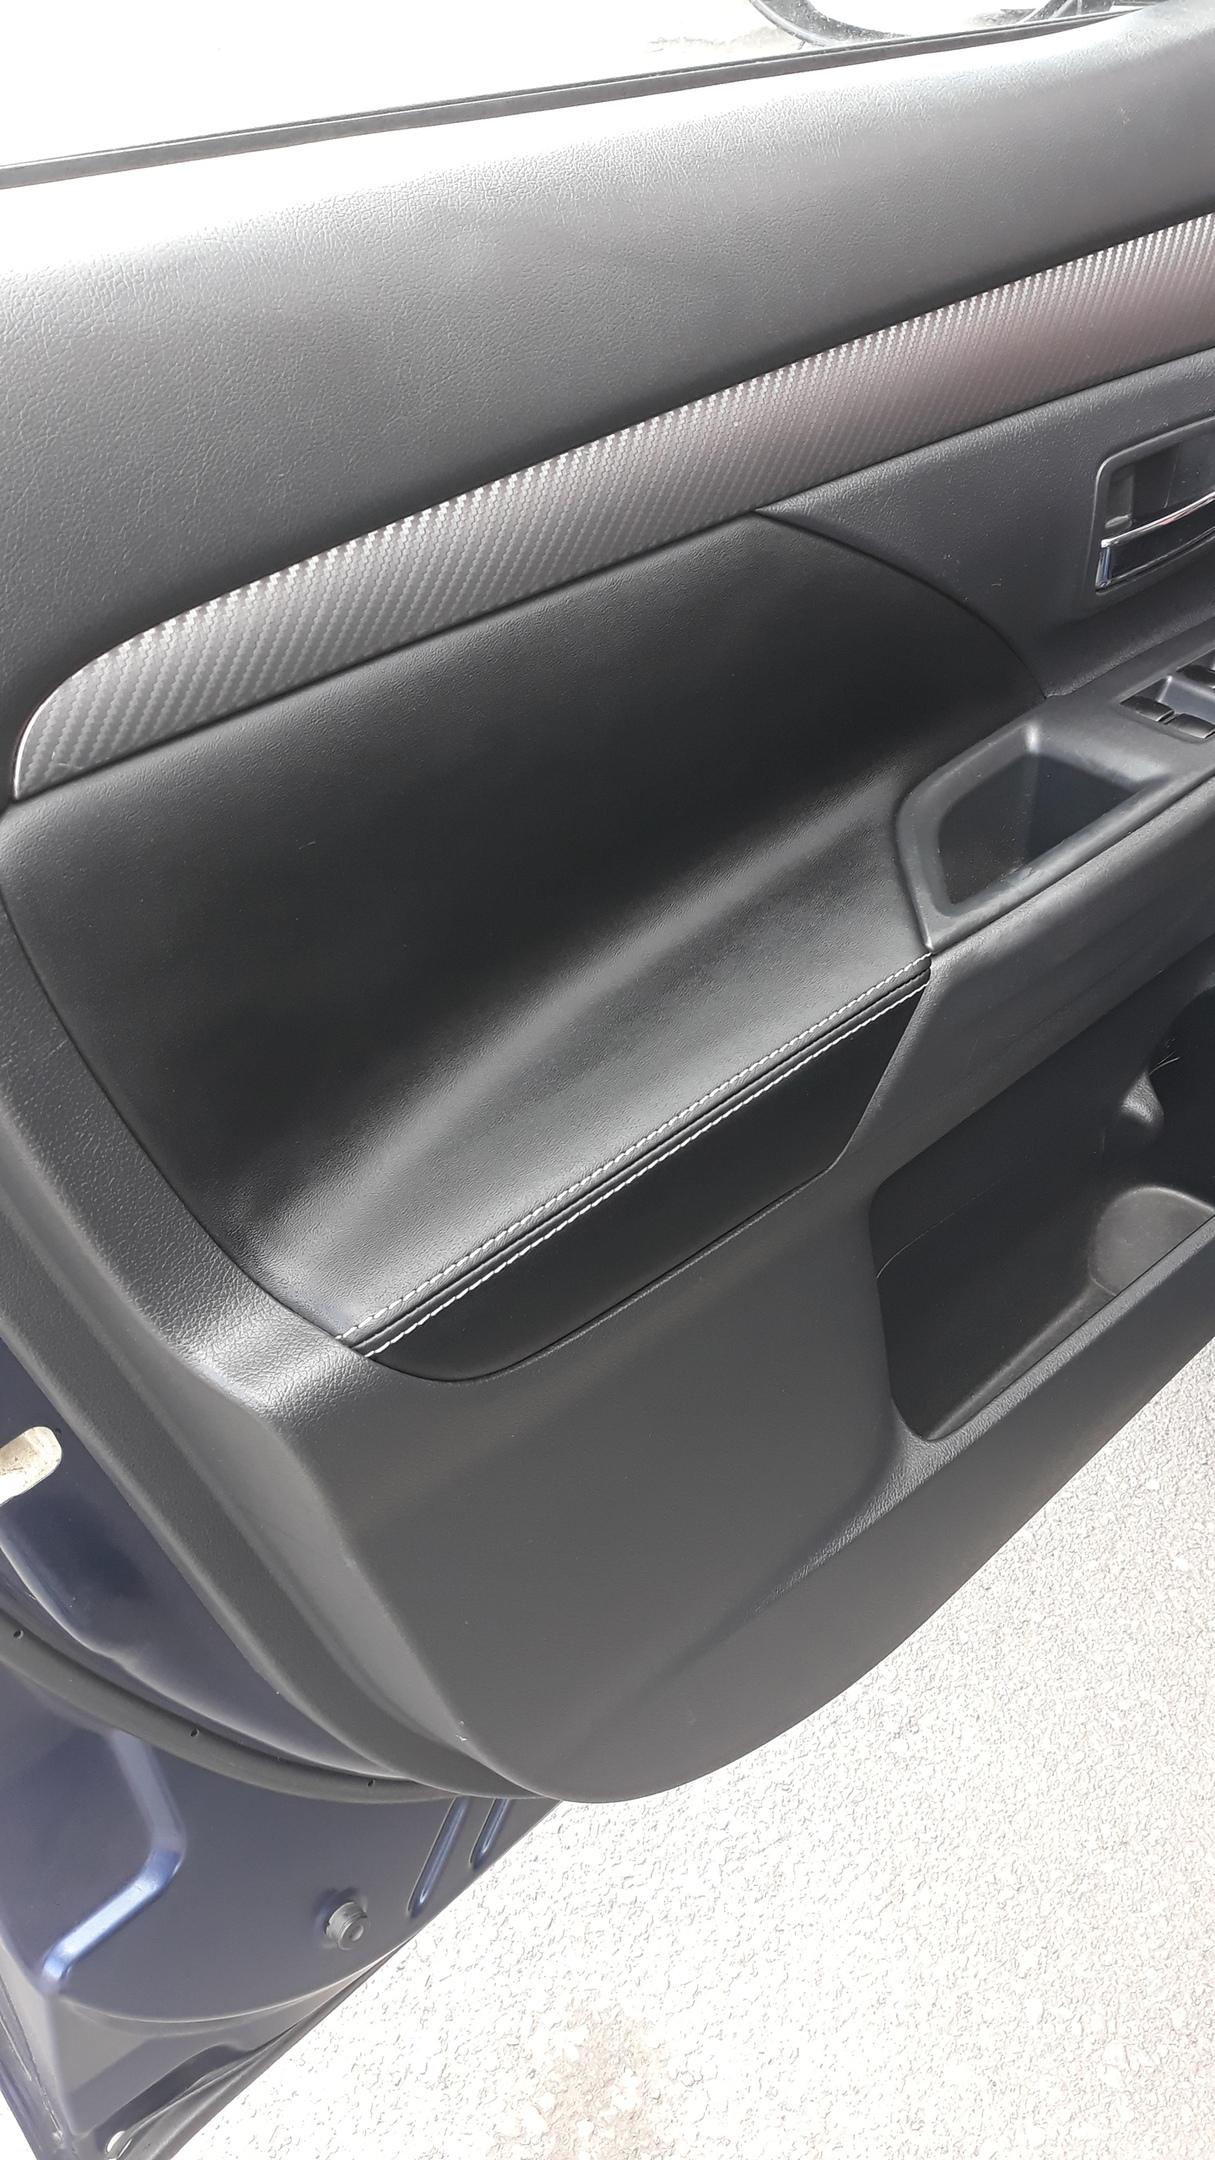 Чехлы на Mitsubishi Outlender из экокожи NAPPA и перетяжка дверных вставок в экокожу.